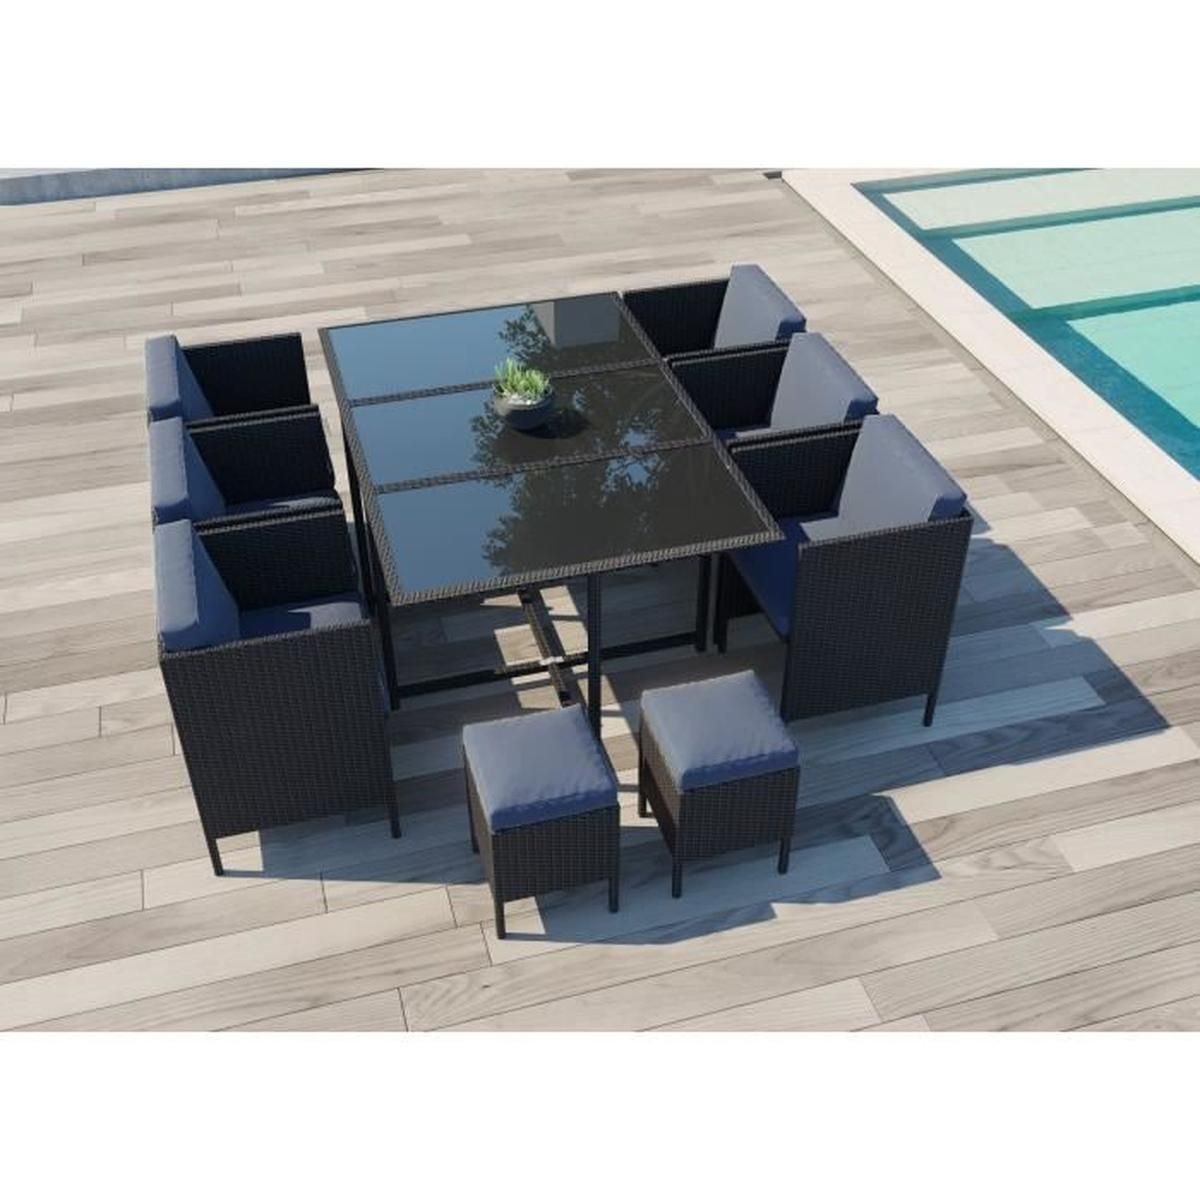 Daytona 10 : Salon De Jardin Encastrable 10 Places En Résine ... intérieur Cdiscount Salon De Jardin Resine